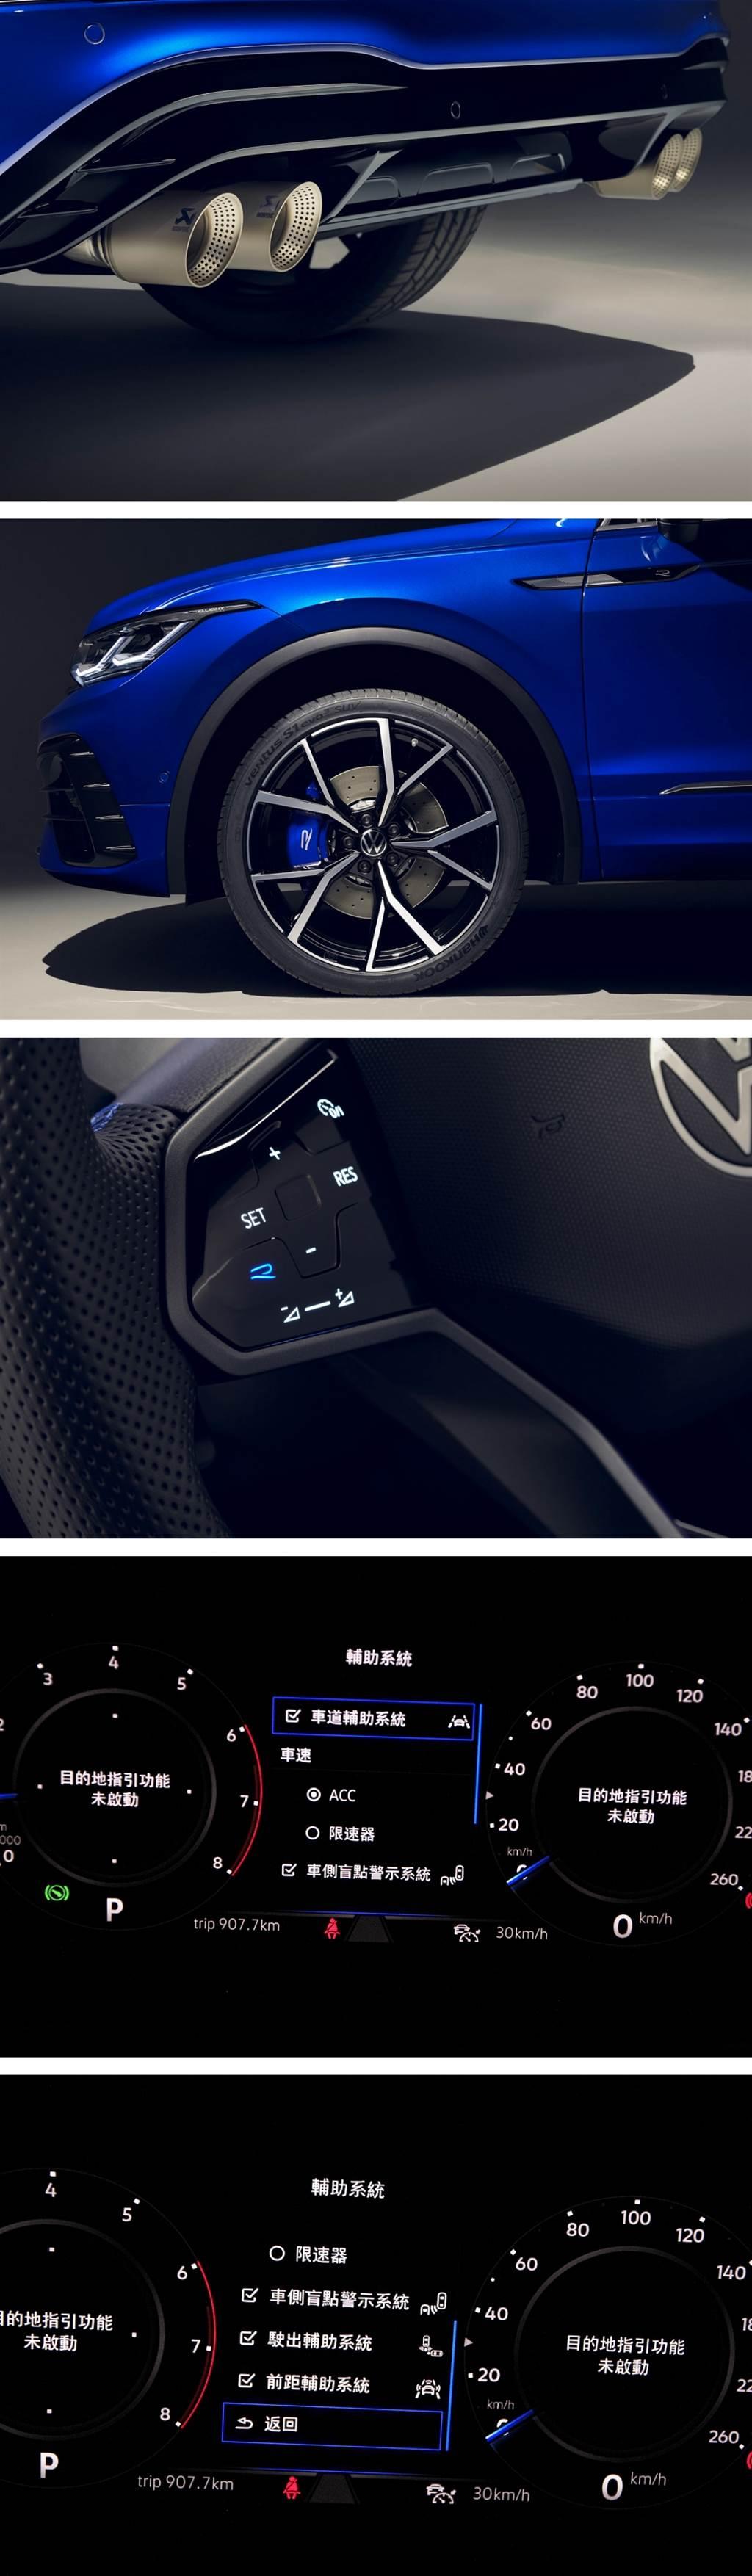 ADAS駕駛輔助系統的切換不局限於在中央螢幕中設定,利用方向盤上的觸控鍵亦可快速設定。並且行駛期間可隨時切換,具有相當好的安全便利性。另外,380 TSI以上車型方向盤上還新增觸控式按鍵,除了觸控之外,還可用滑移手勢控制的方式來操作音響音量大小、上下曲目以及電台的選取。